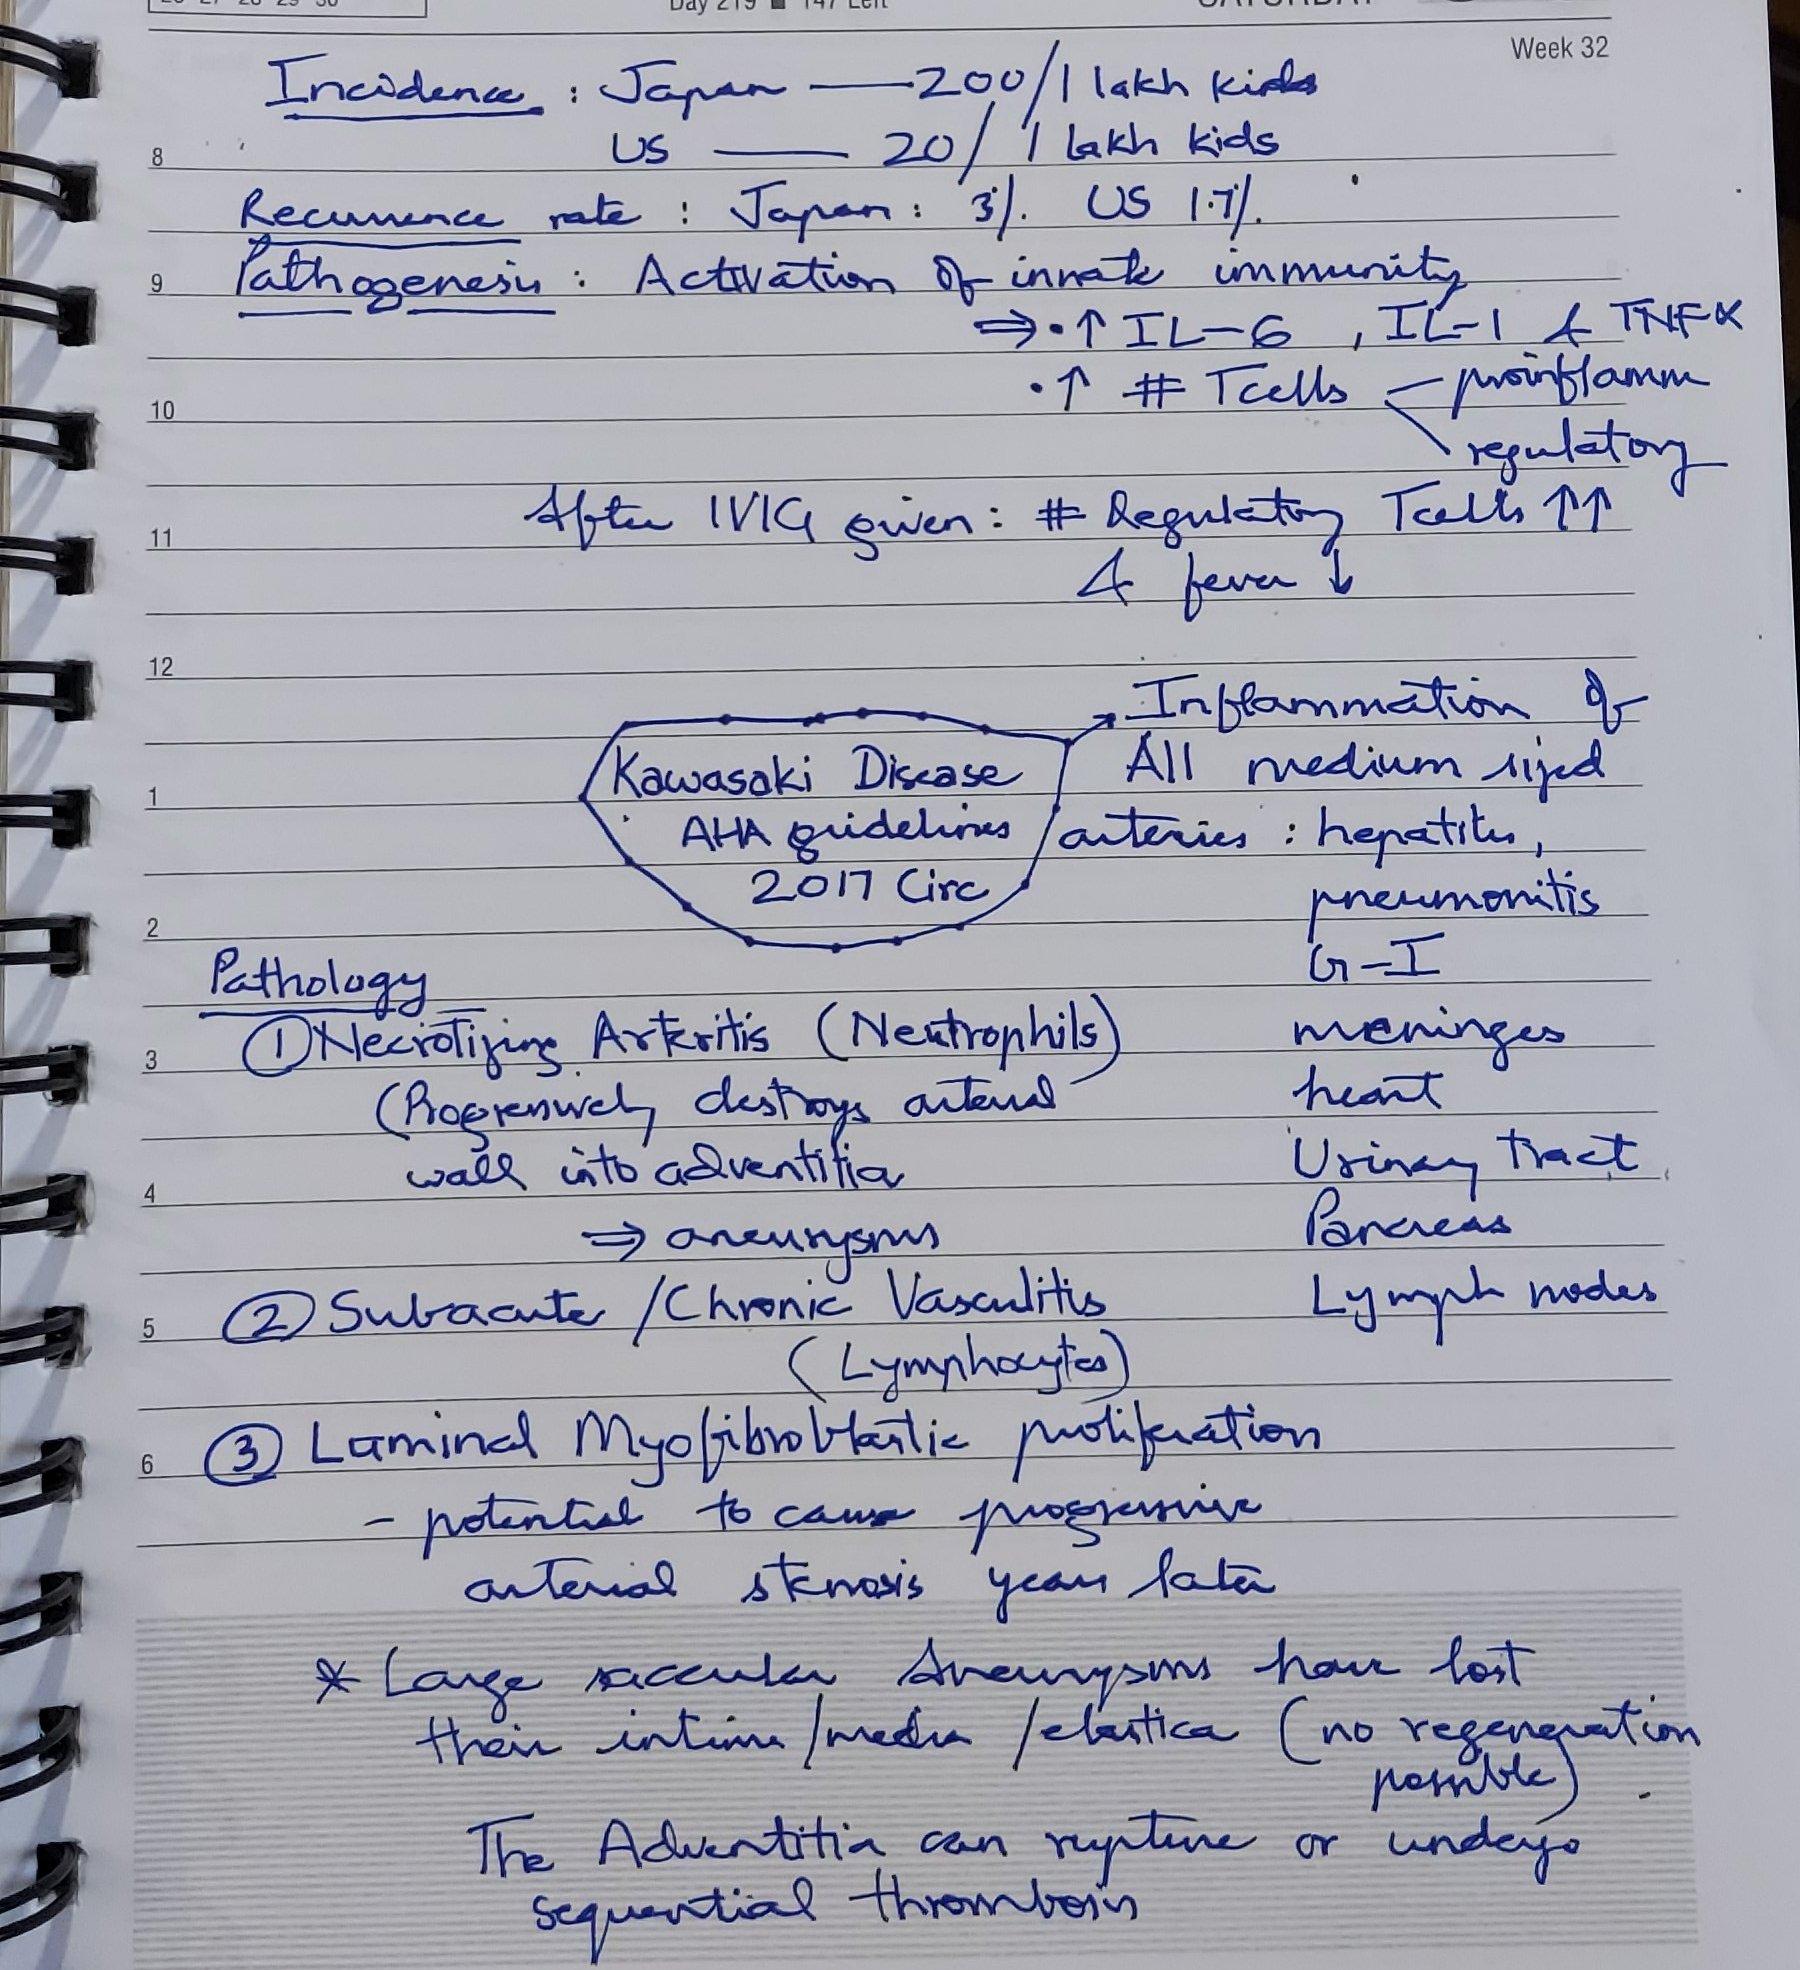 Vasculitis látás, Myasthenia gravis - Immunközpont